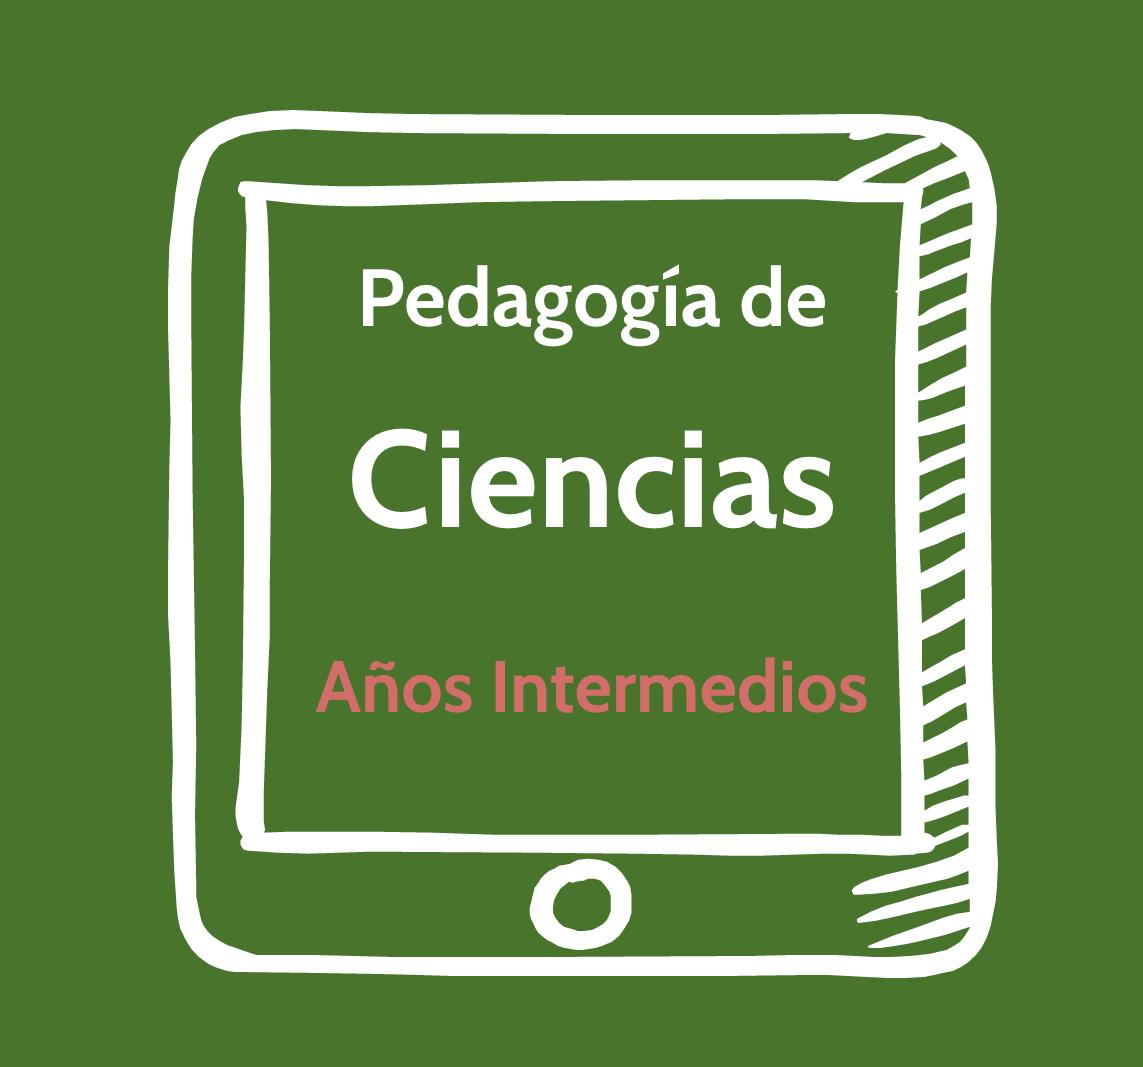 Pedagogía de ciencias de los Años Intermedios